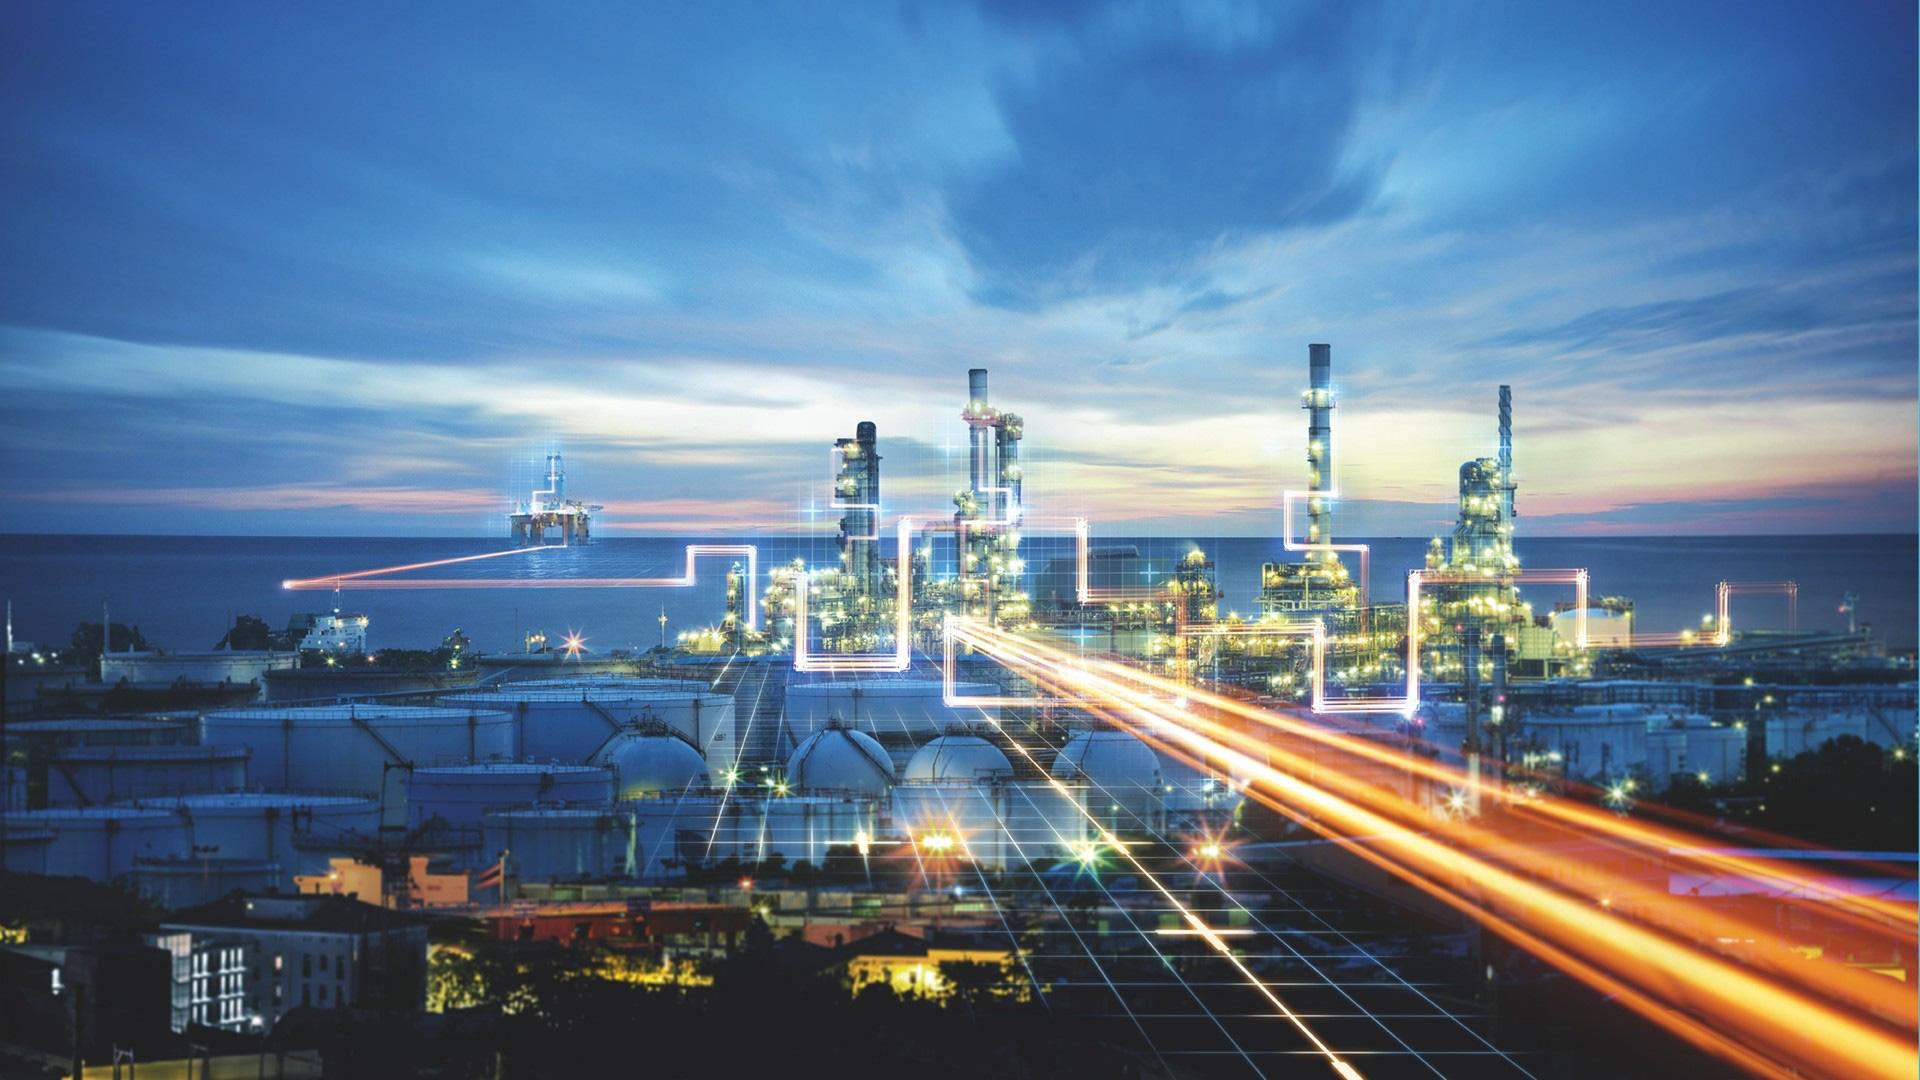 Giá gas hôm nay 29/1: Tiếp tục xu hướng tăng dù tồn kho khí gas đạt mức cao - Ảnh 1.